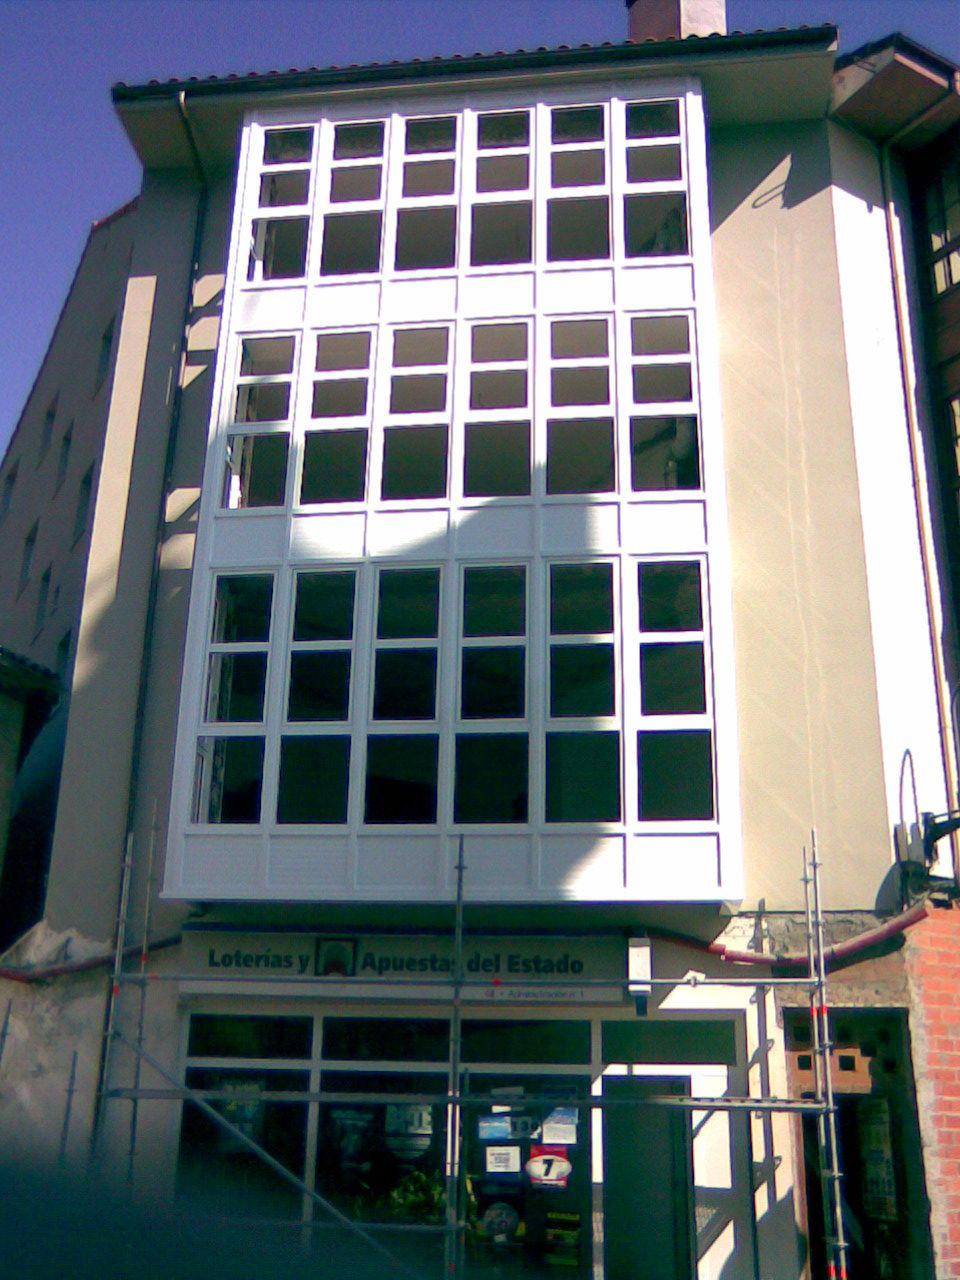 Ventanas de Aluminio blanco en edificio: NUESTROS SERVICIOS de Aluminios Sergio